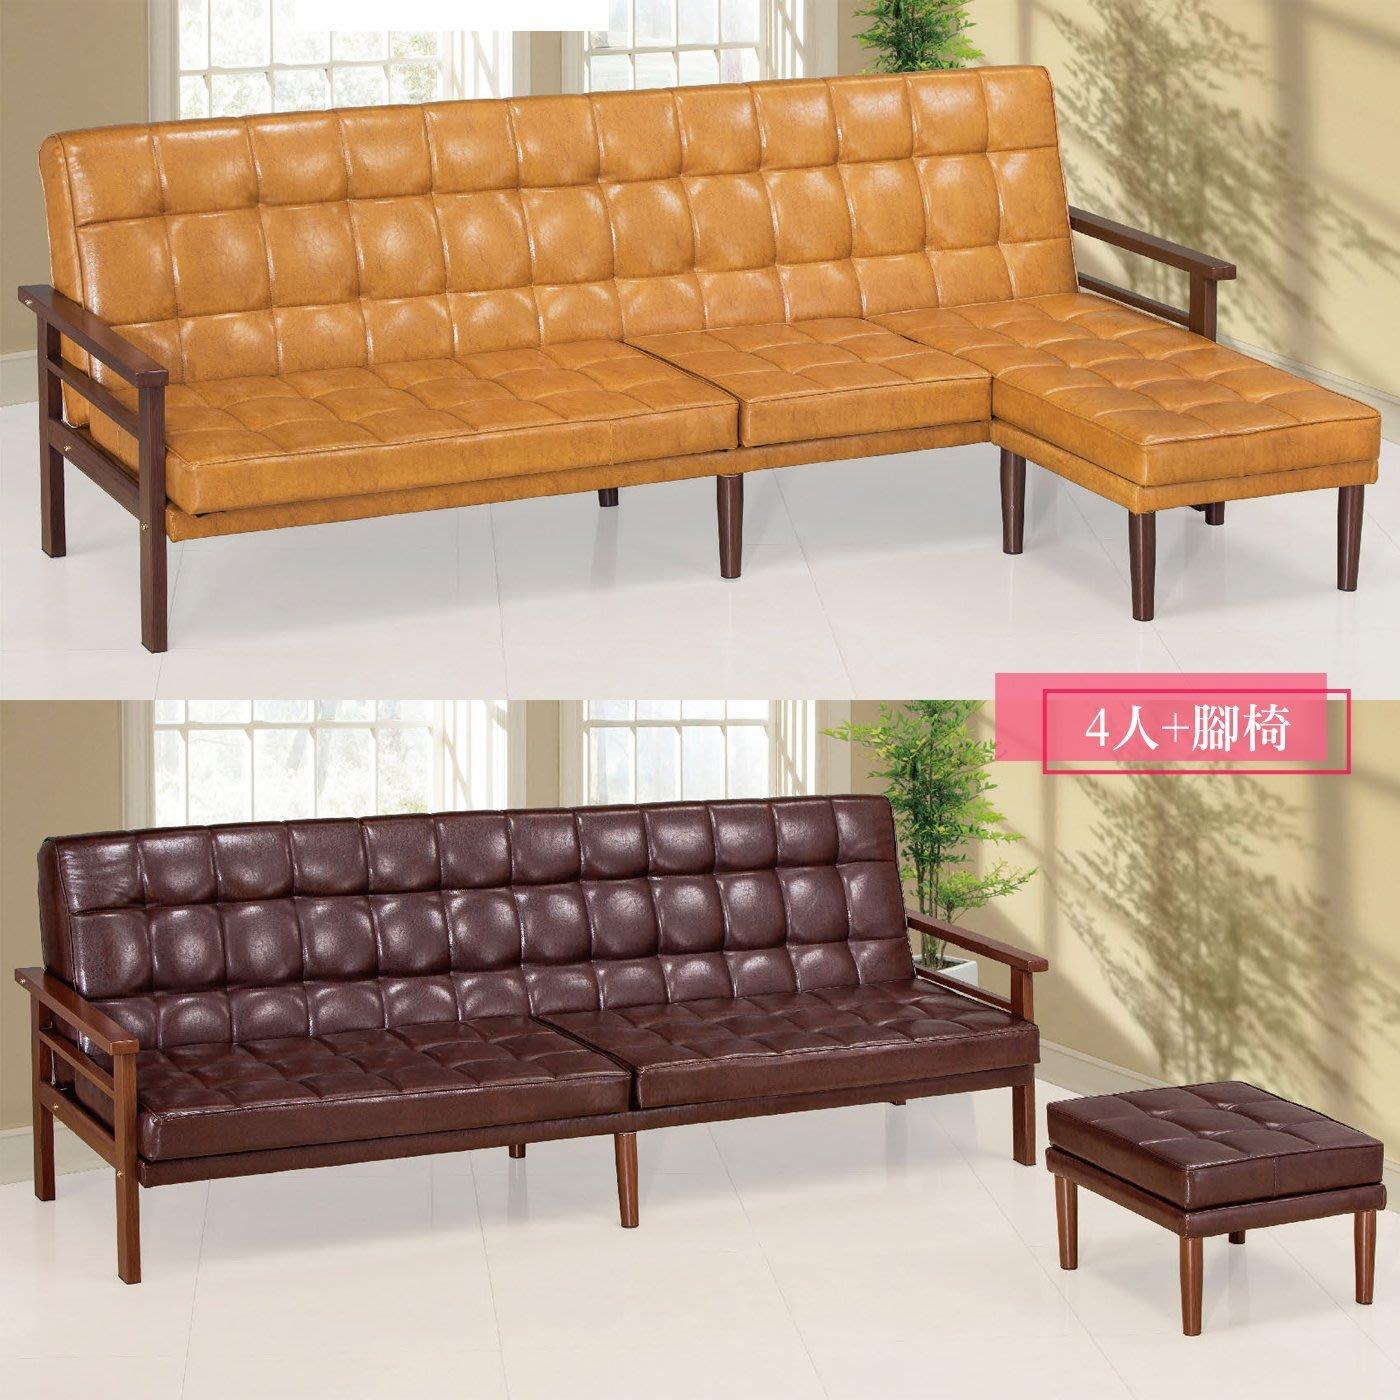 【在地人傢俱】19 便宜購-B02復古土黃/咖啡色乳膠皮大L型沙發椅/四人+腳椅 SH715-1